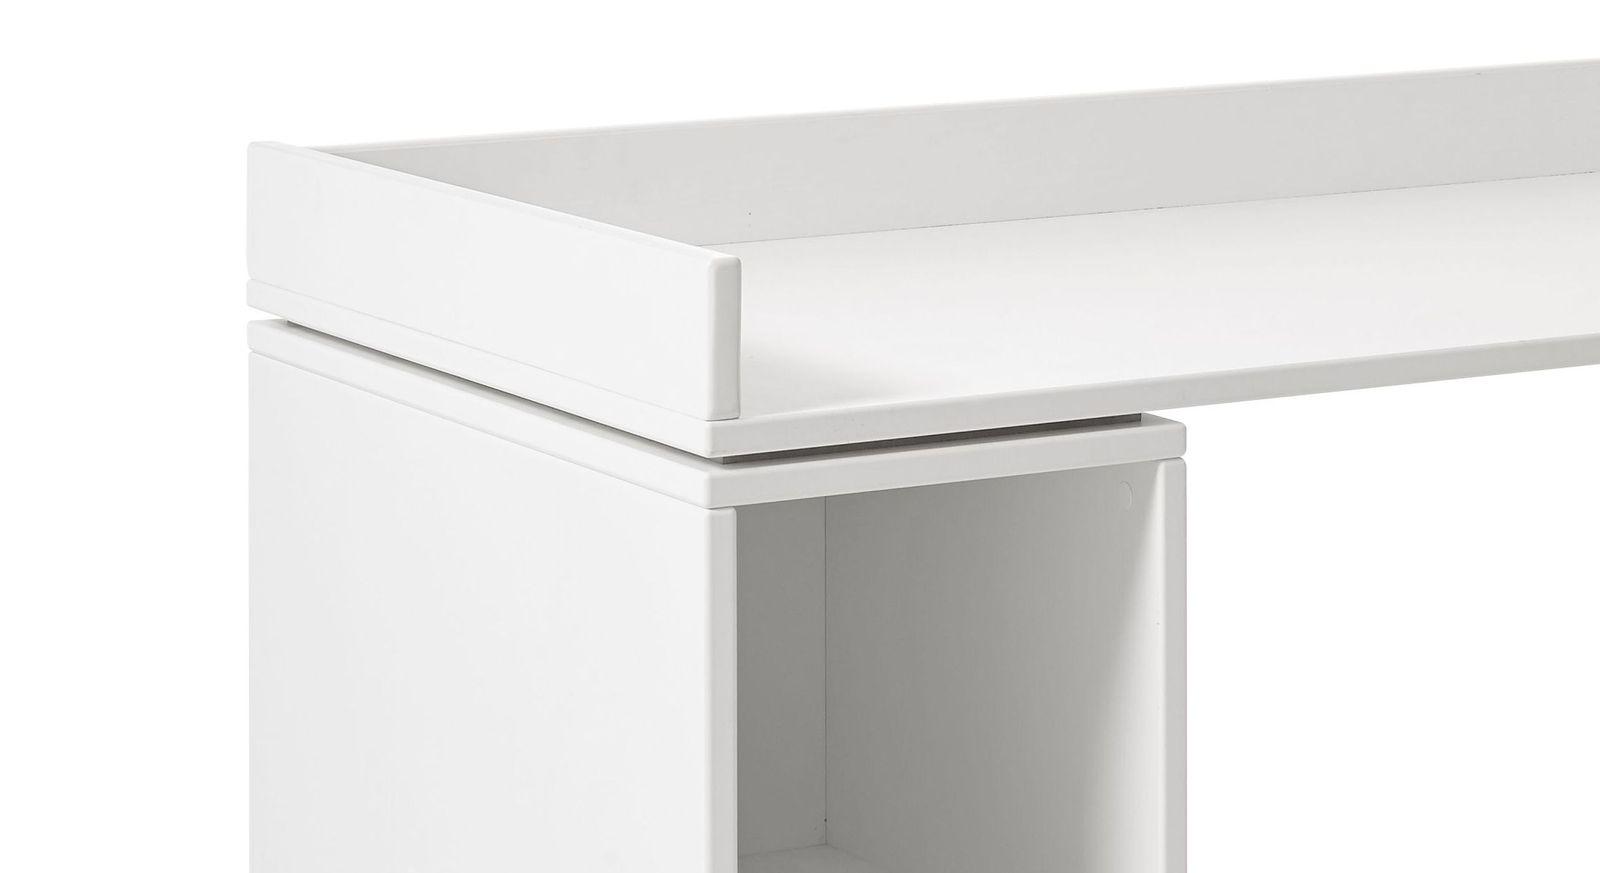 Robuster Schreibtisch Original rollbar von LIFETIME mit dreiseitigem Herunterfallschutz